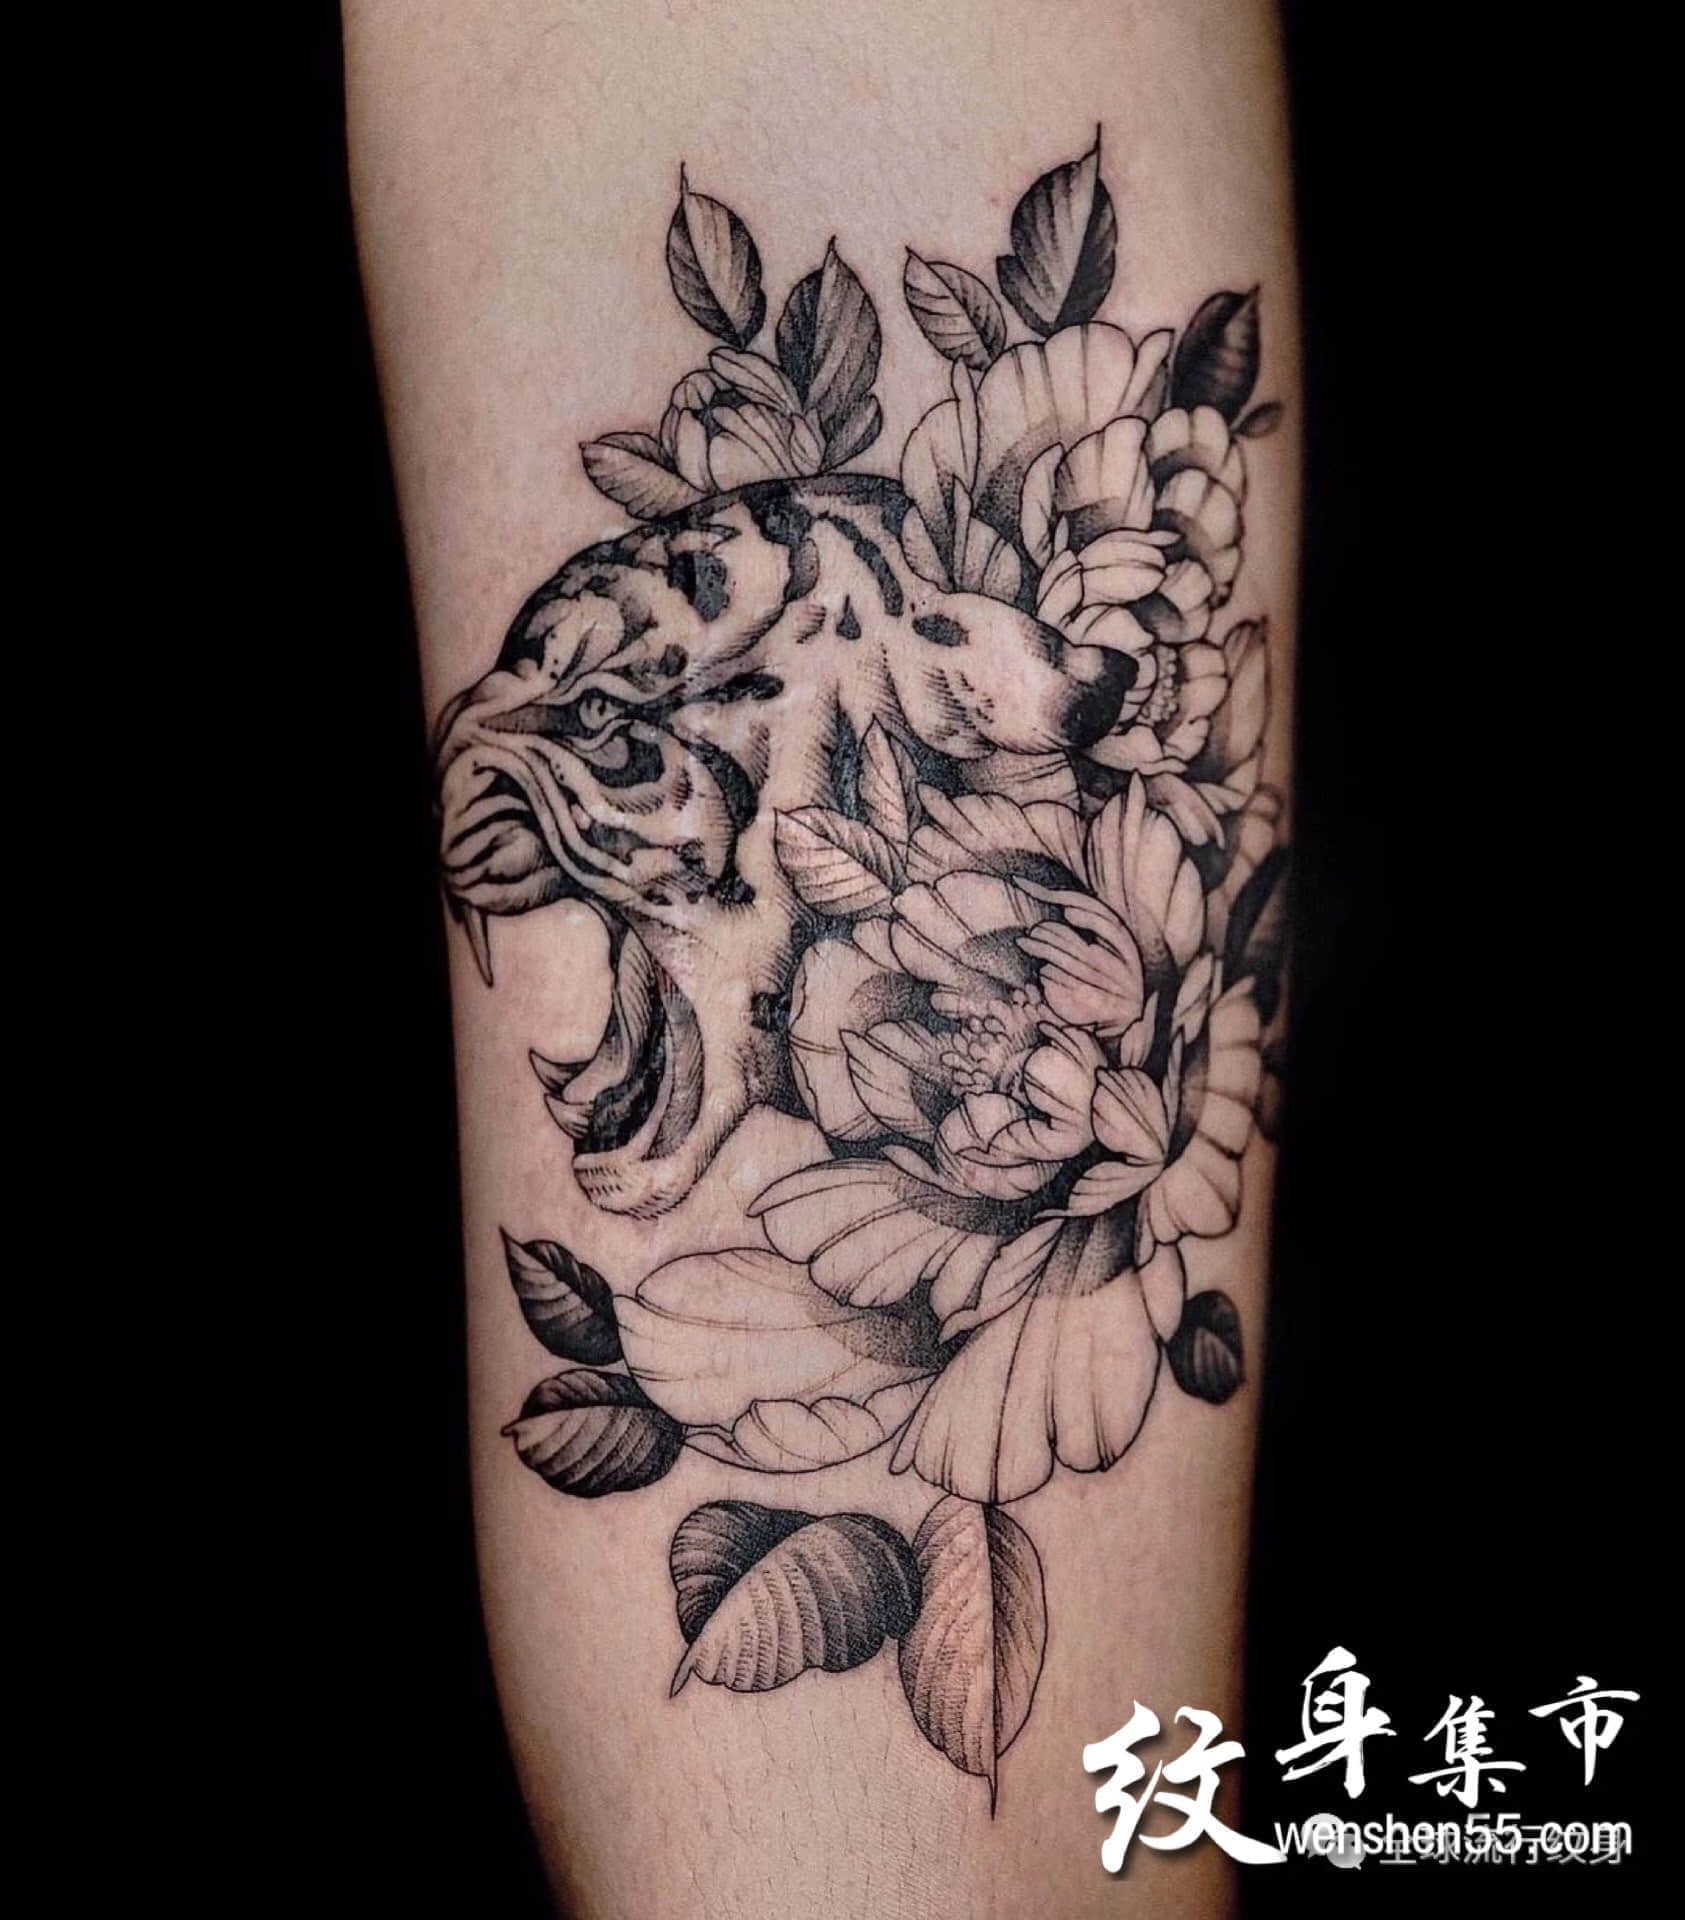 素花与蛇纹身,素花与鹿纹身,素花与虎纹身